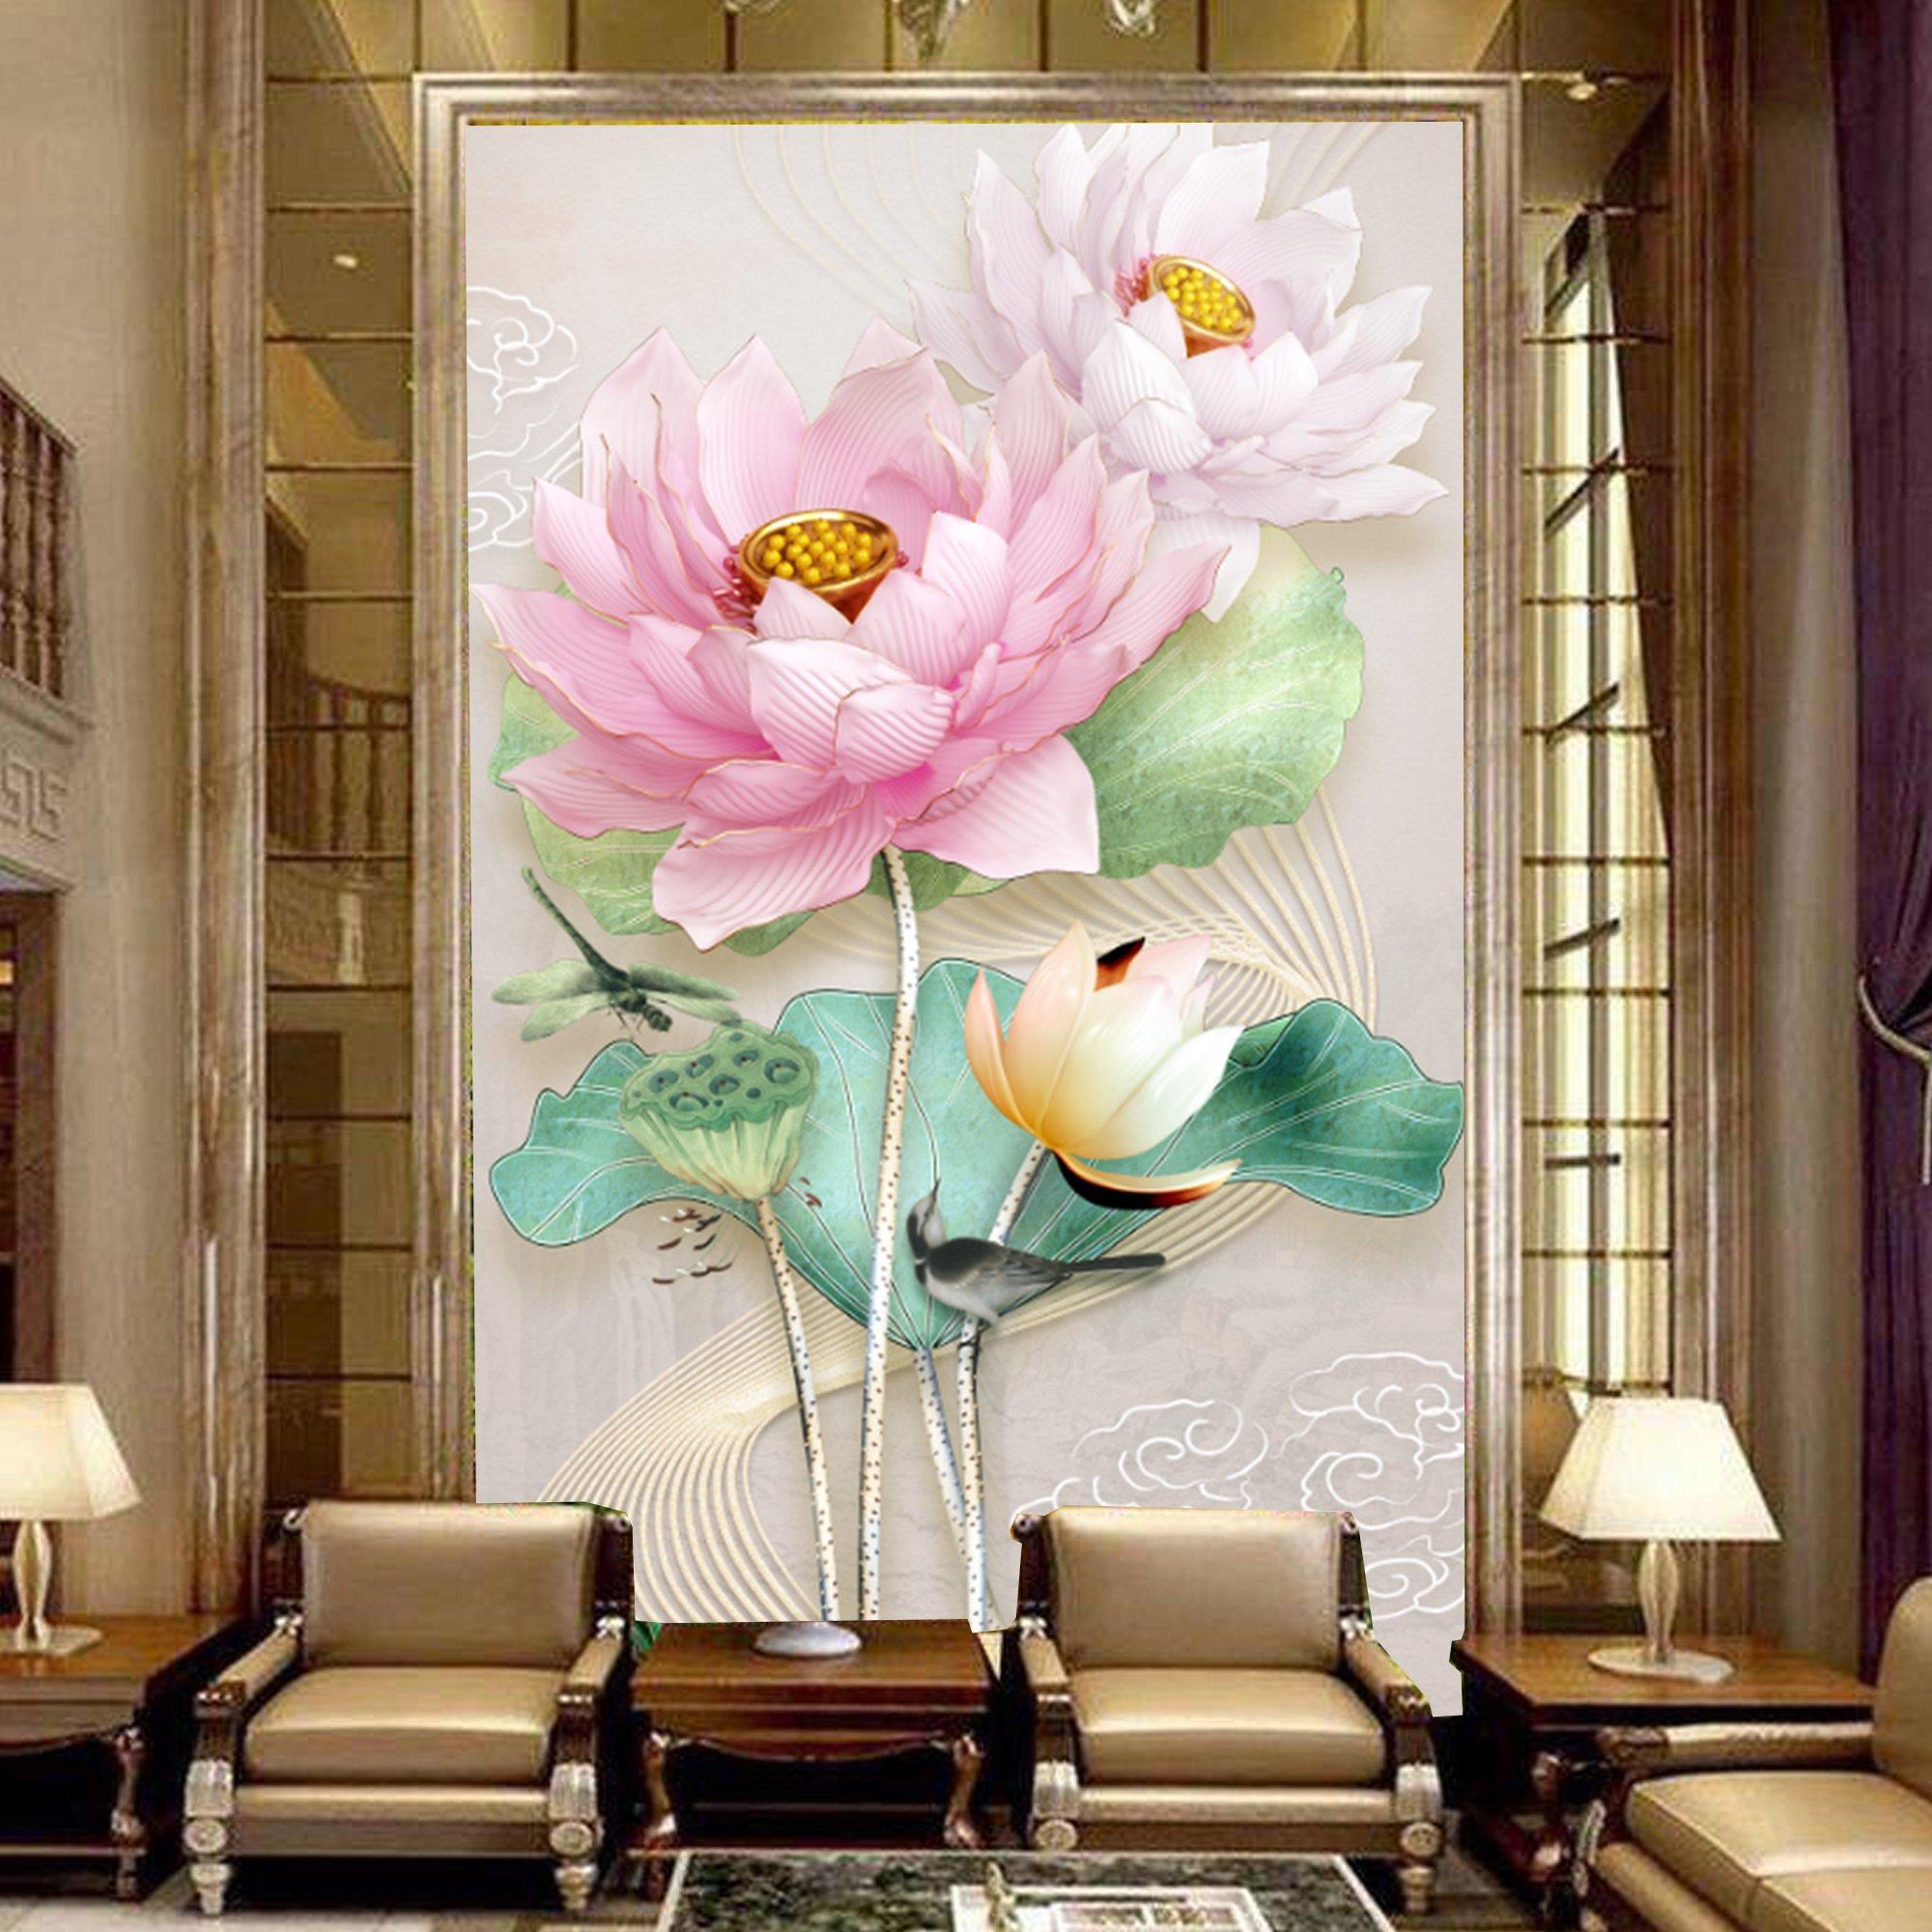 Tranh dán tường sen hồng nhụy vàng 3D